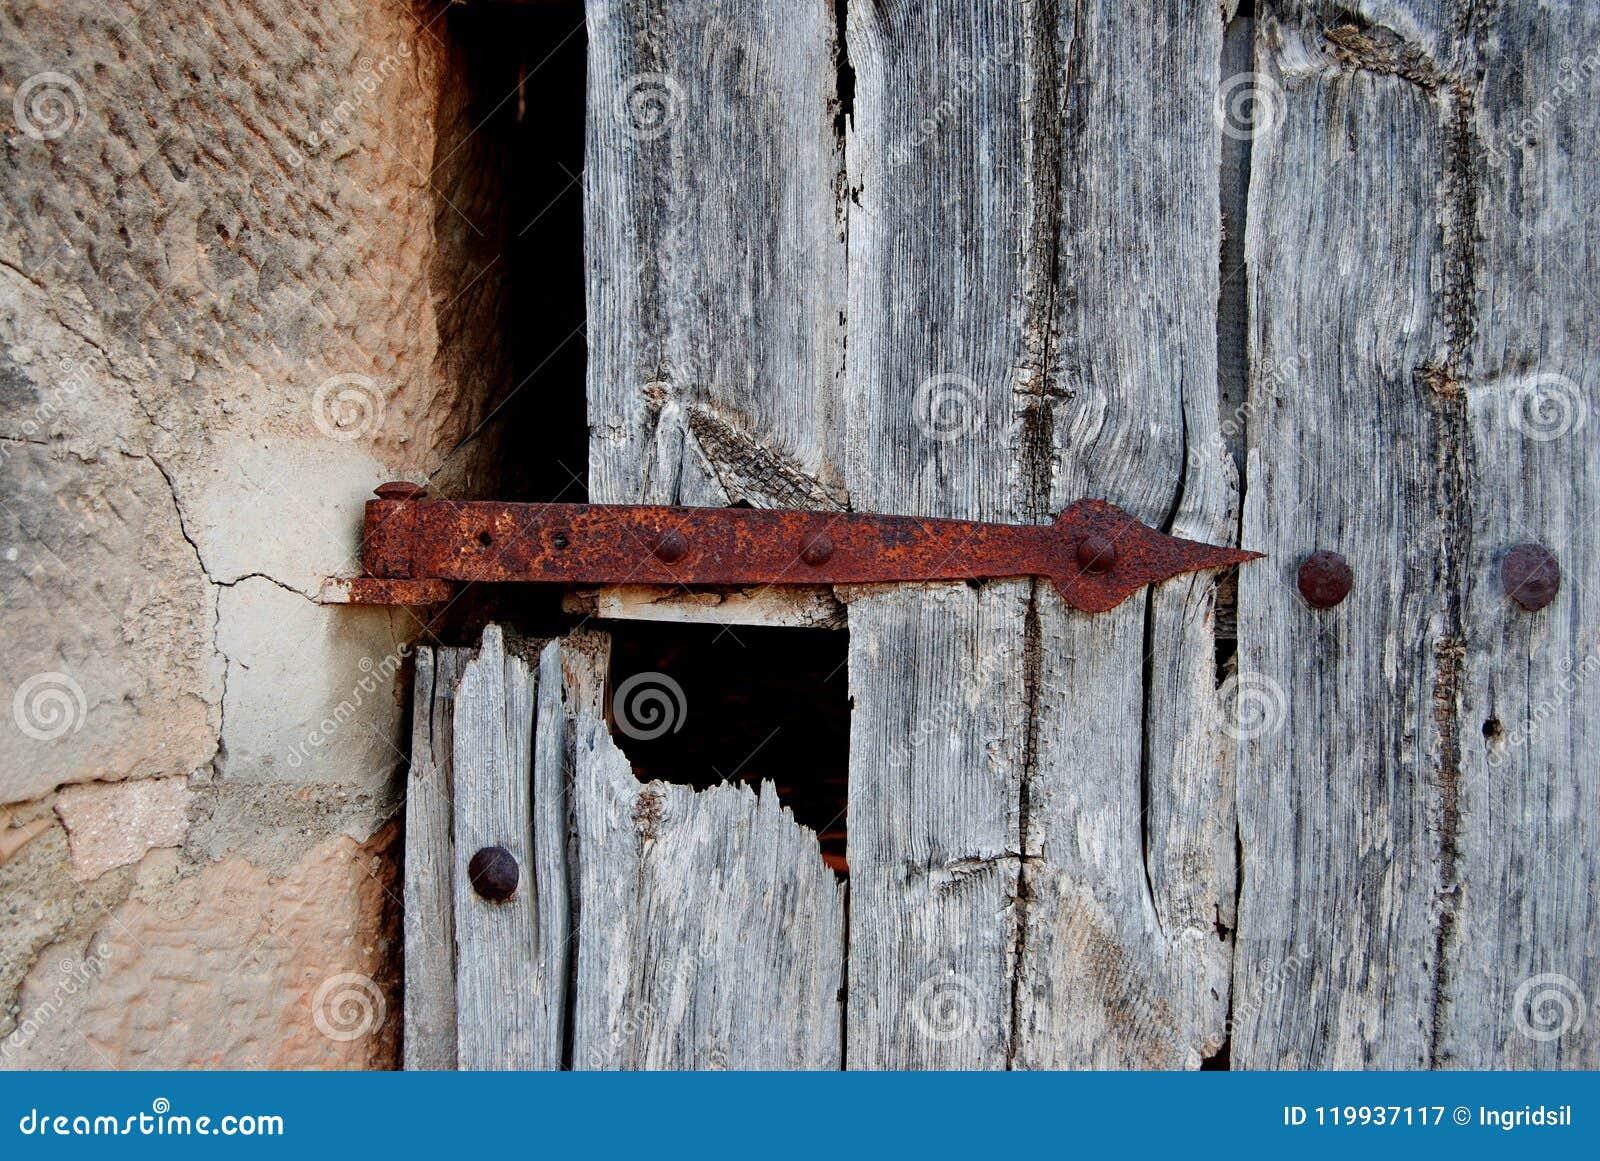 Vieille porte avec le boulon rouillé, serrure Rouillé, oxydé charnière Vieux bois